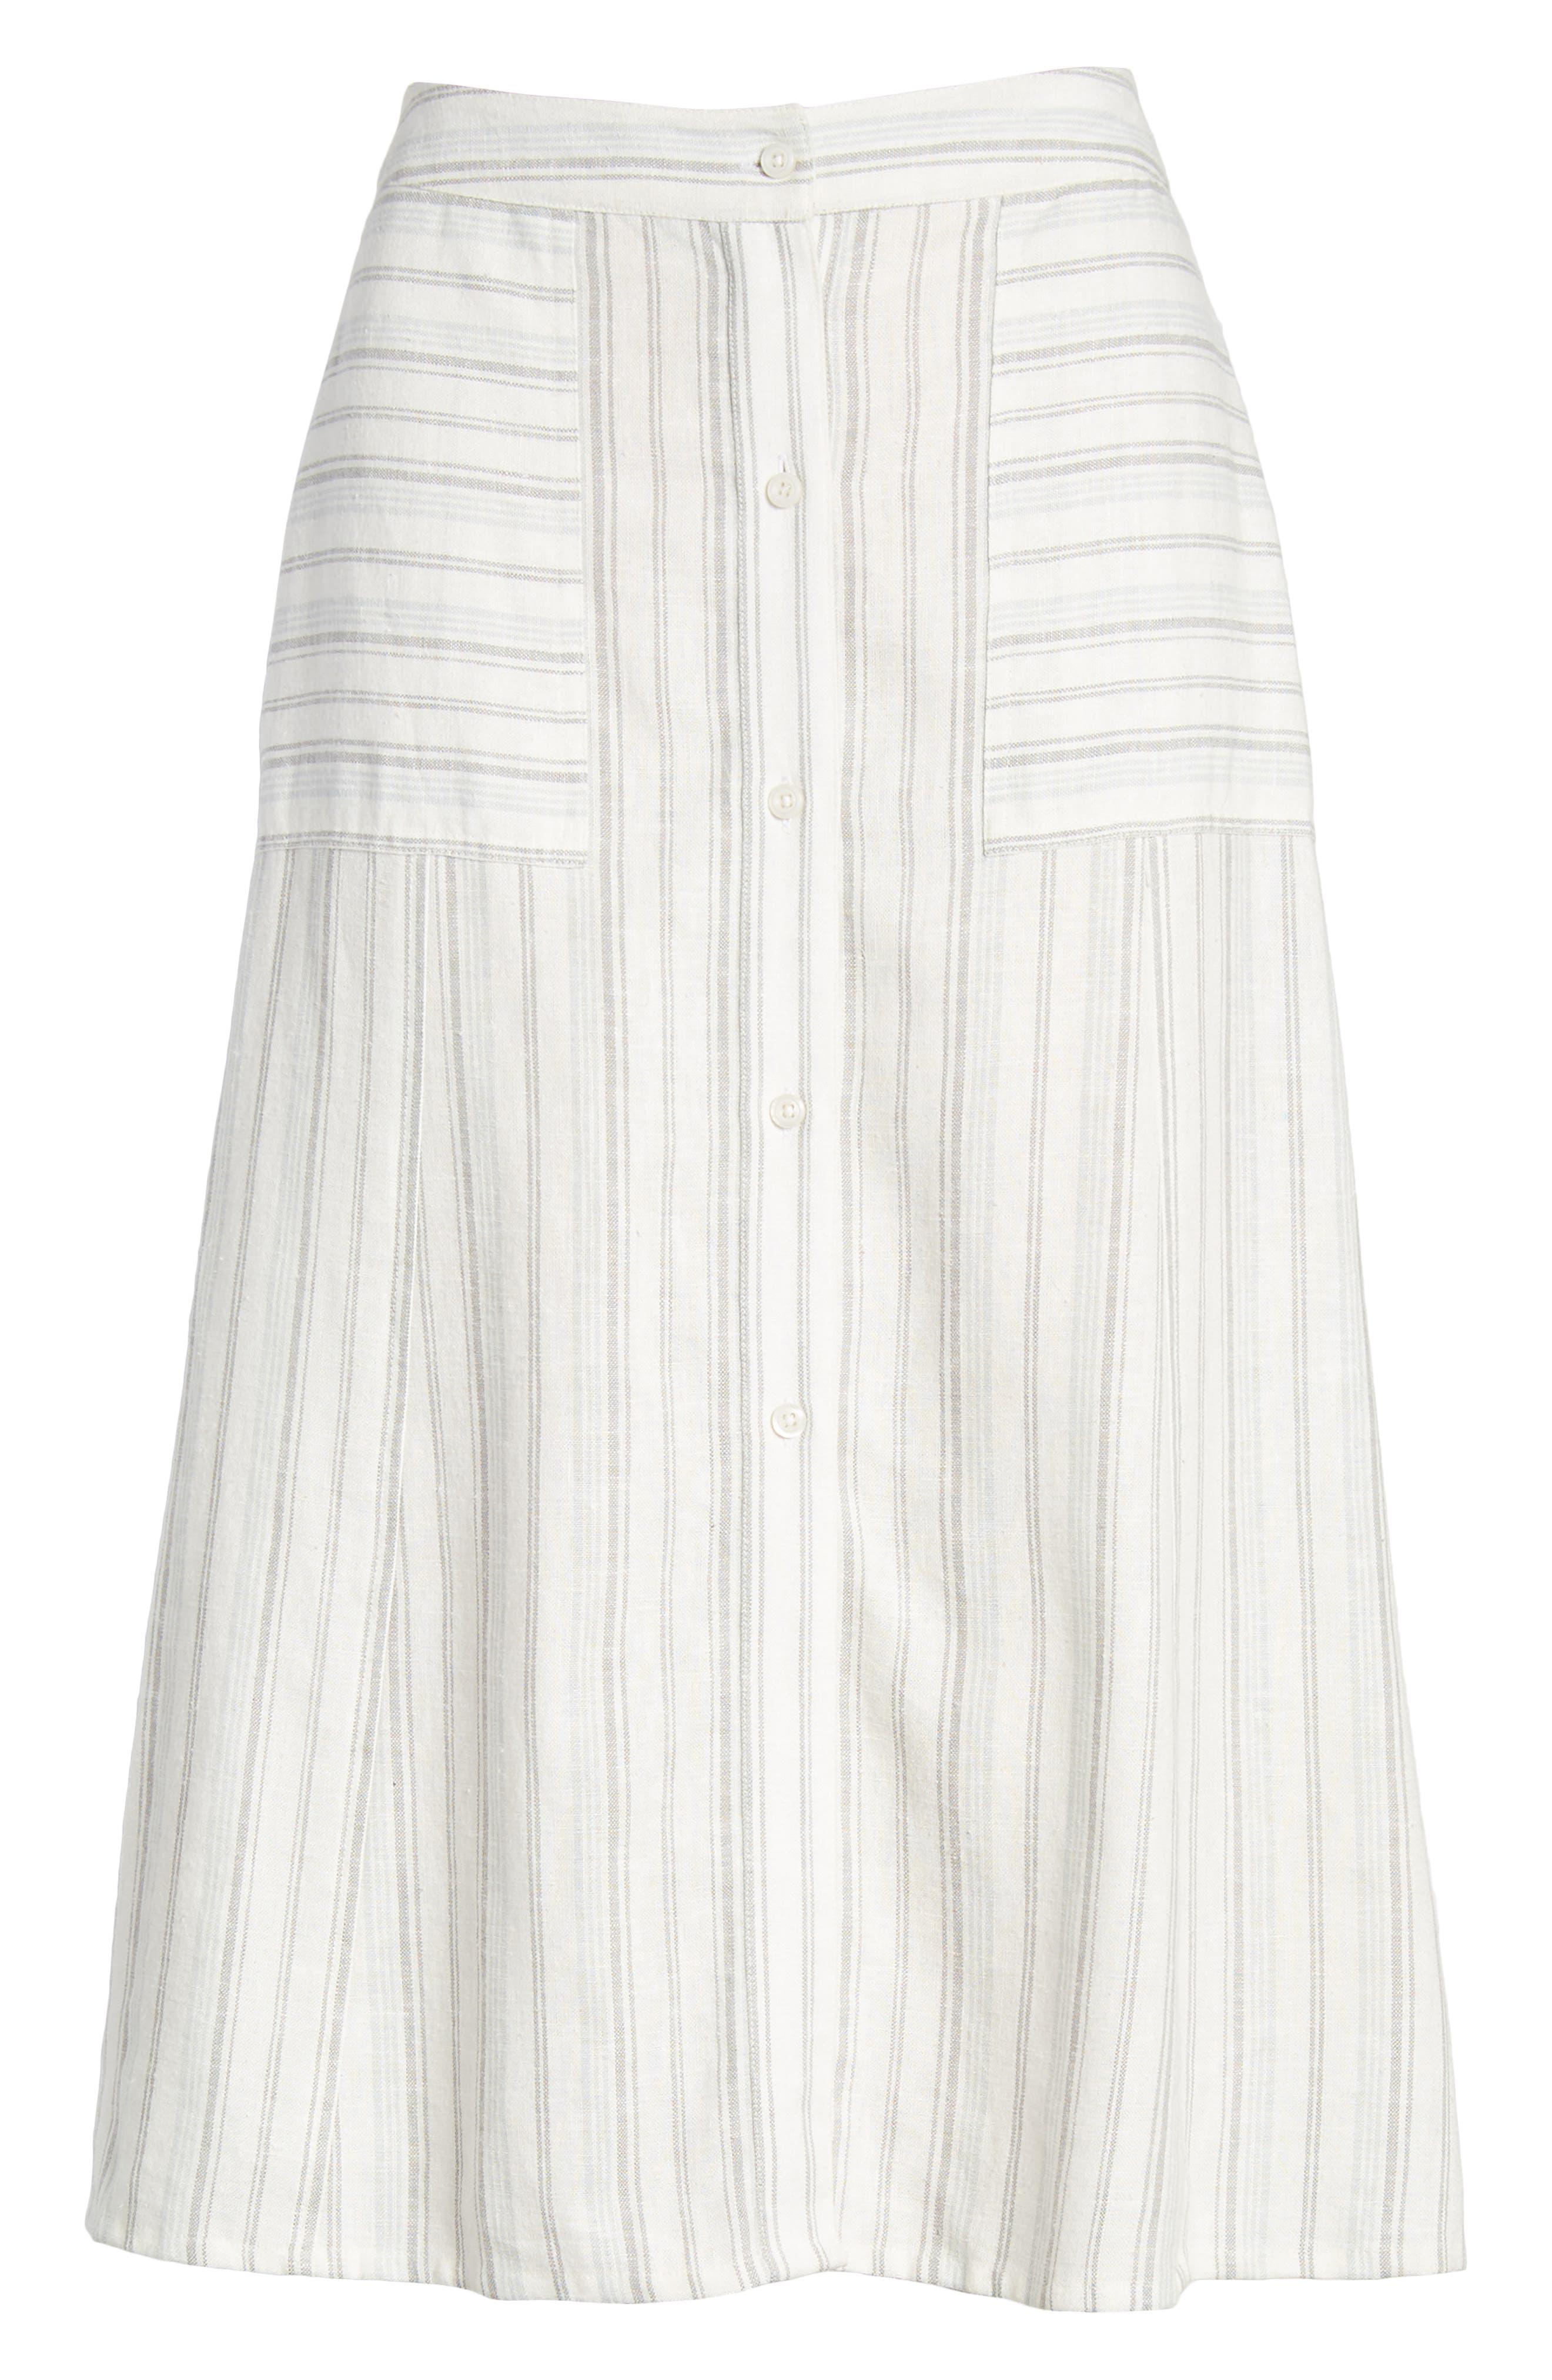 Stripe Linen Blend Midi Skirt,                             Alternate thumbnail 6, color,                             IVORY VERIGATED STRIPE